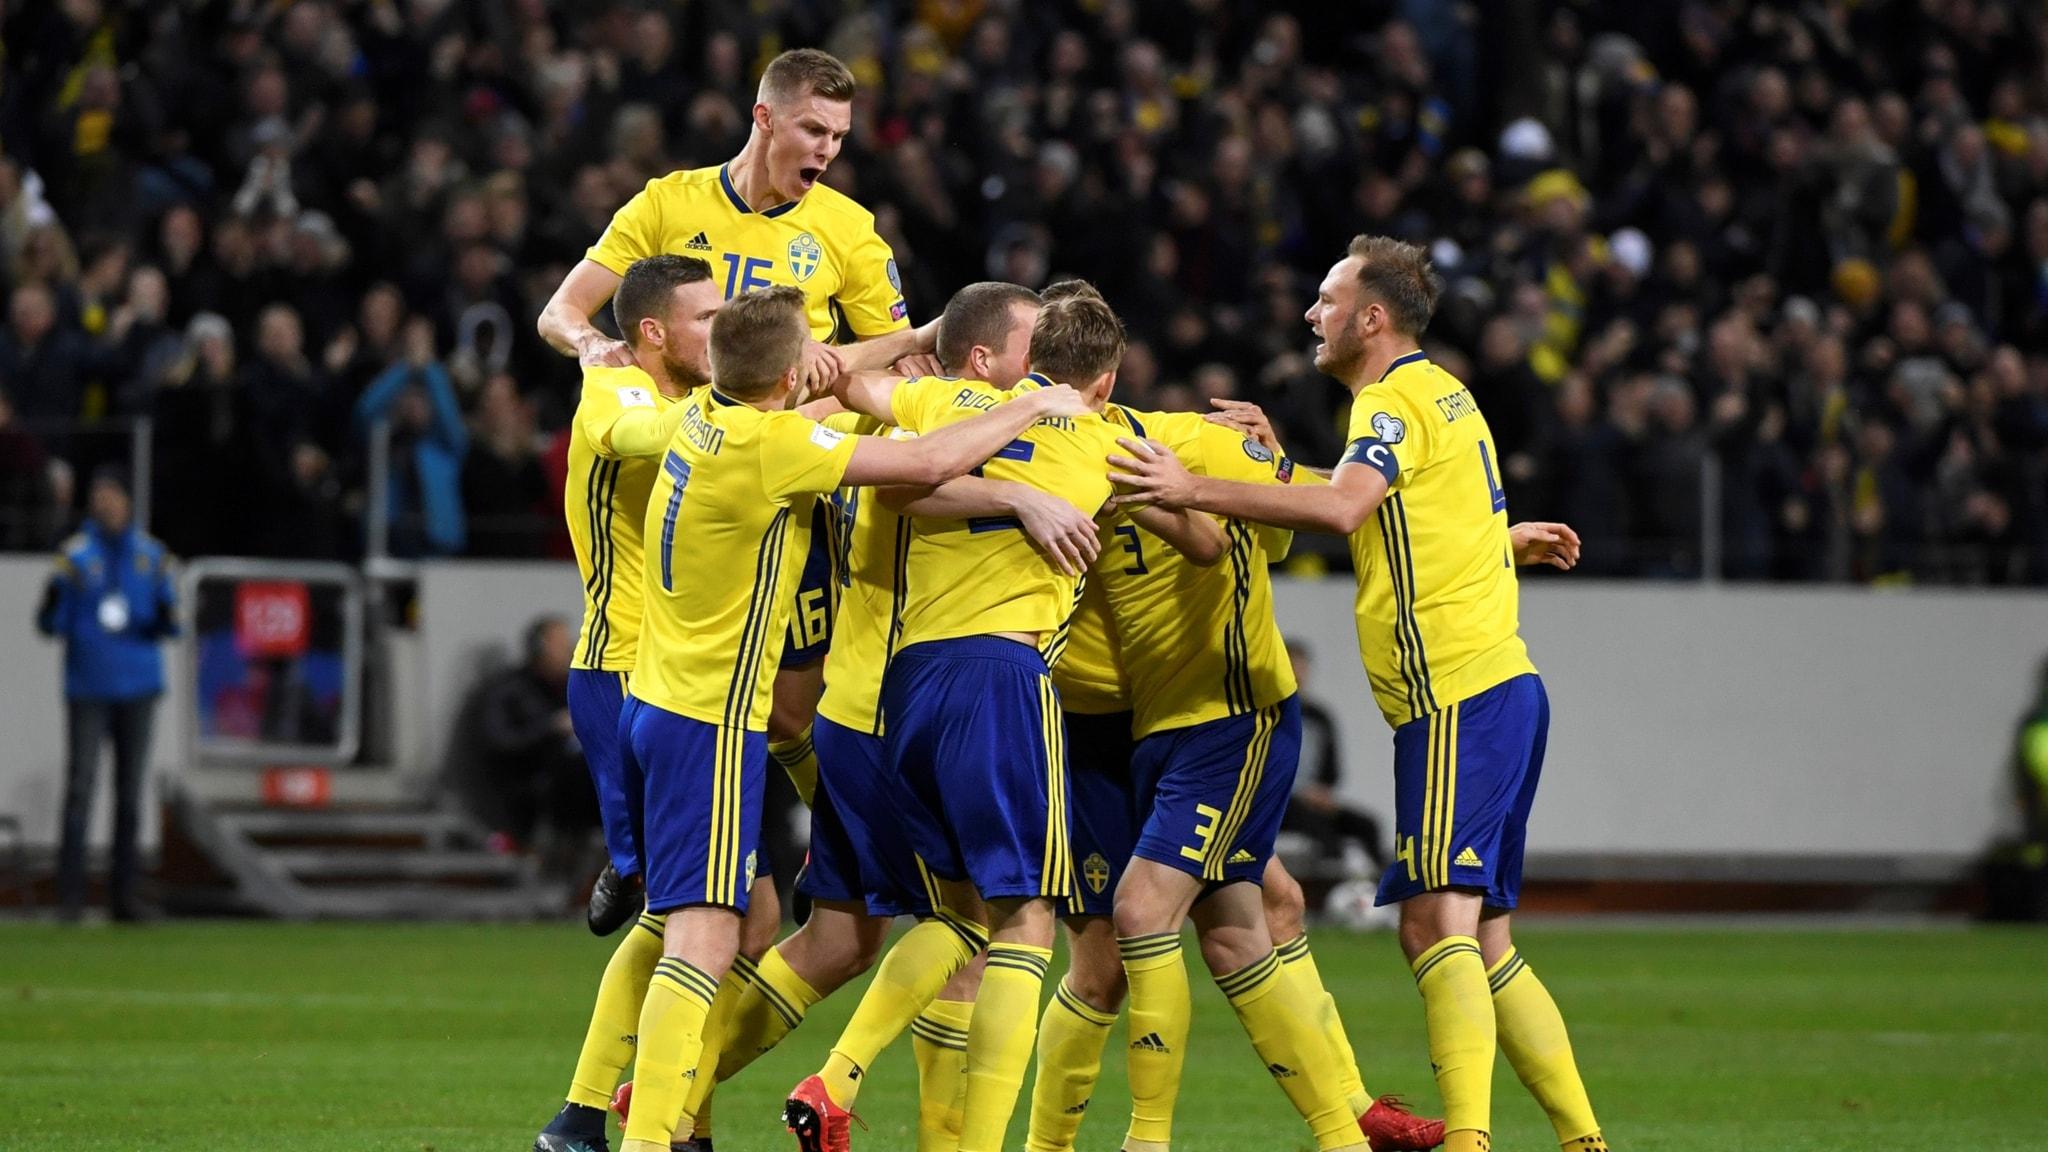 Hur mår Italien efter Sveriges vinst i VM-kvalet?